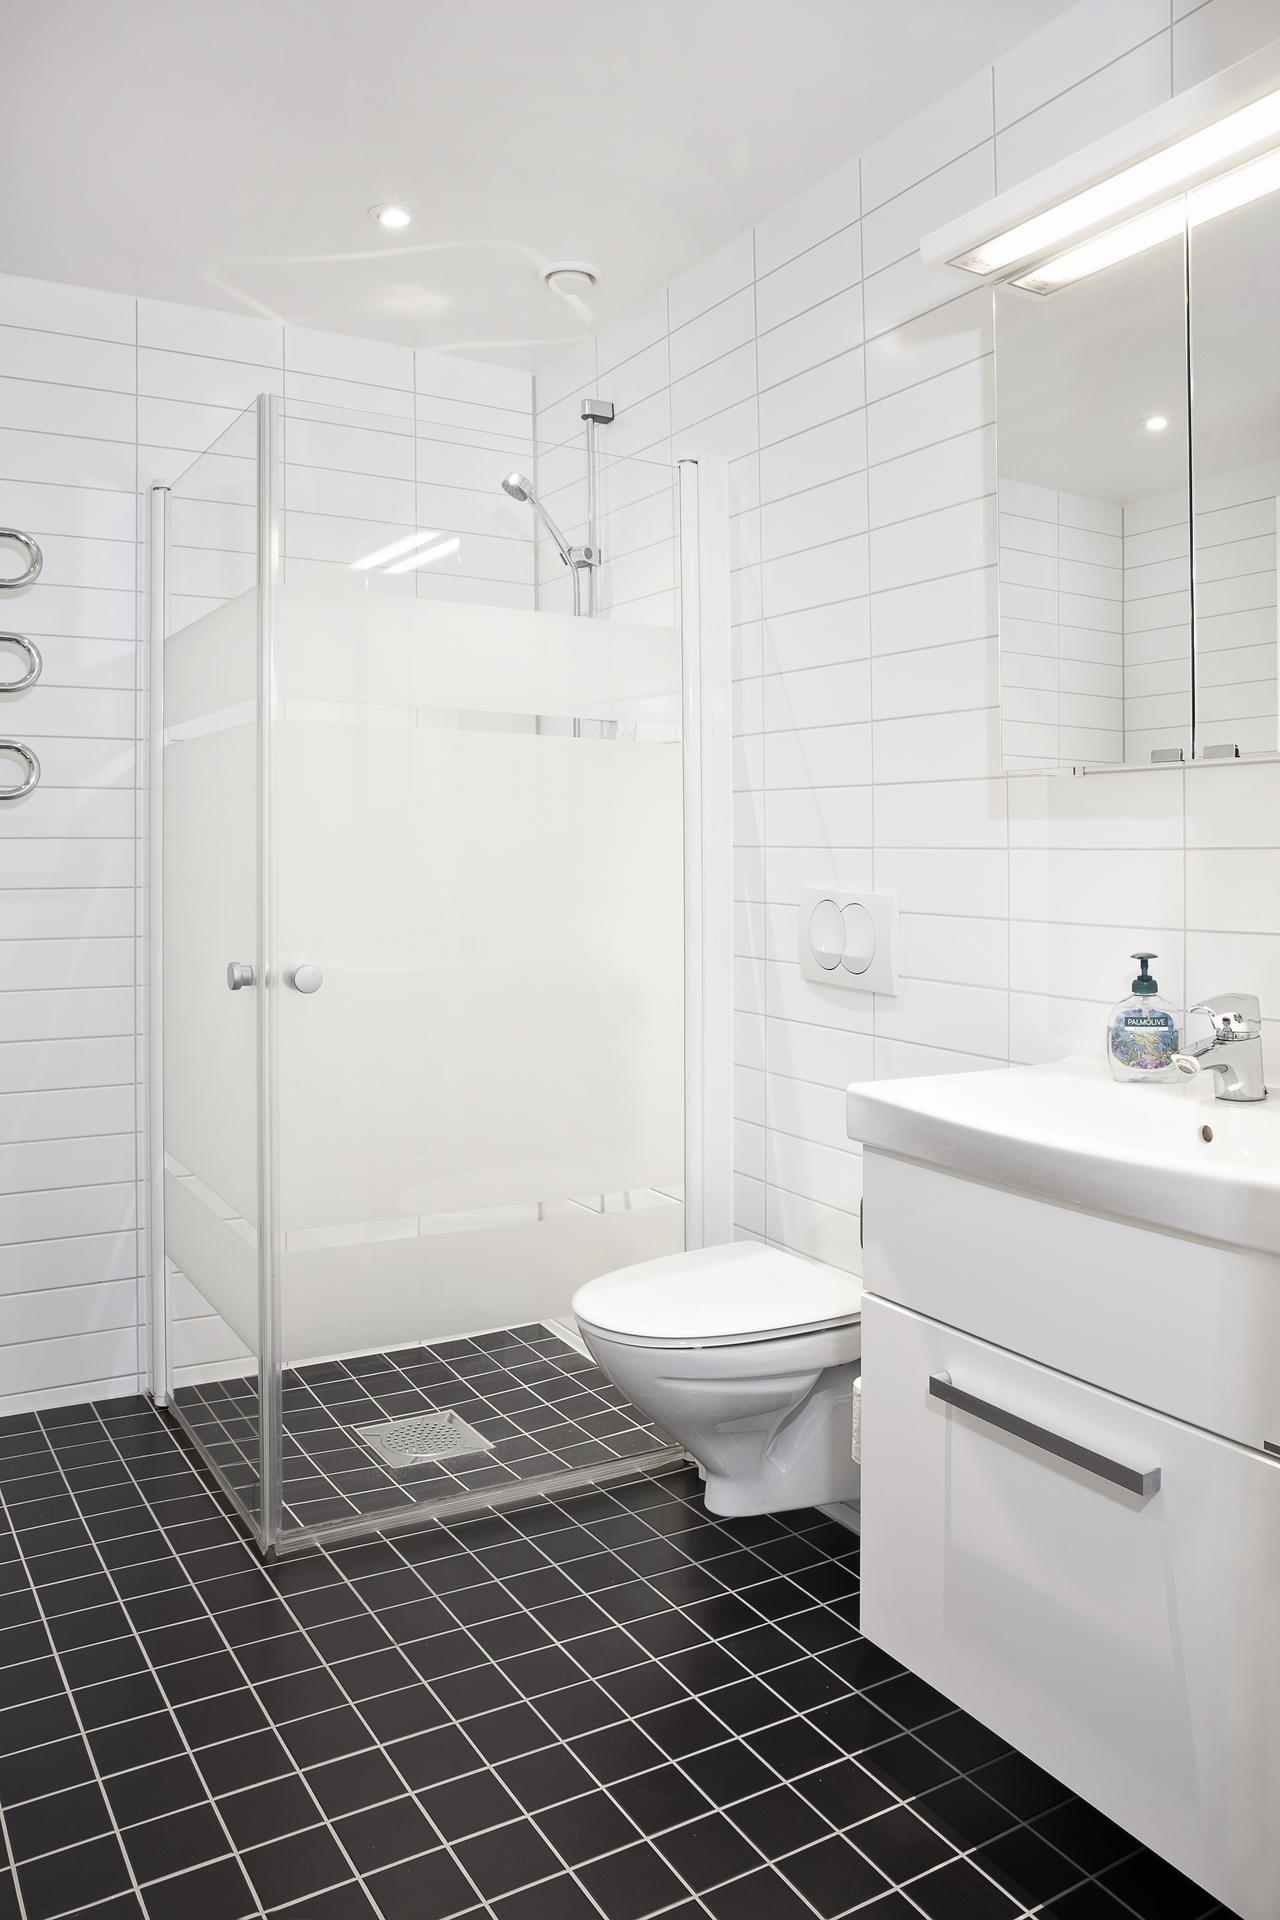 Det helkaklade badrummet erbjuder dusch bakom vikbara duschväggar